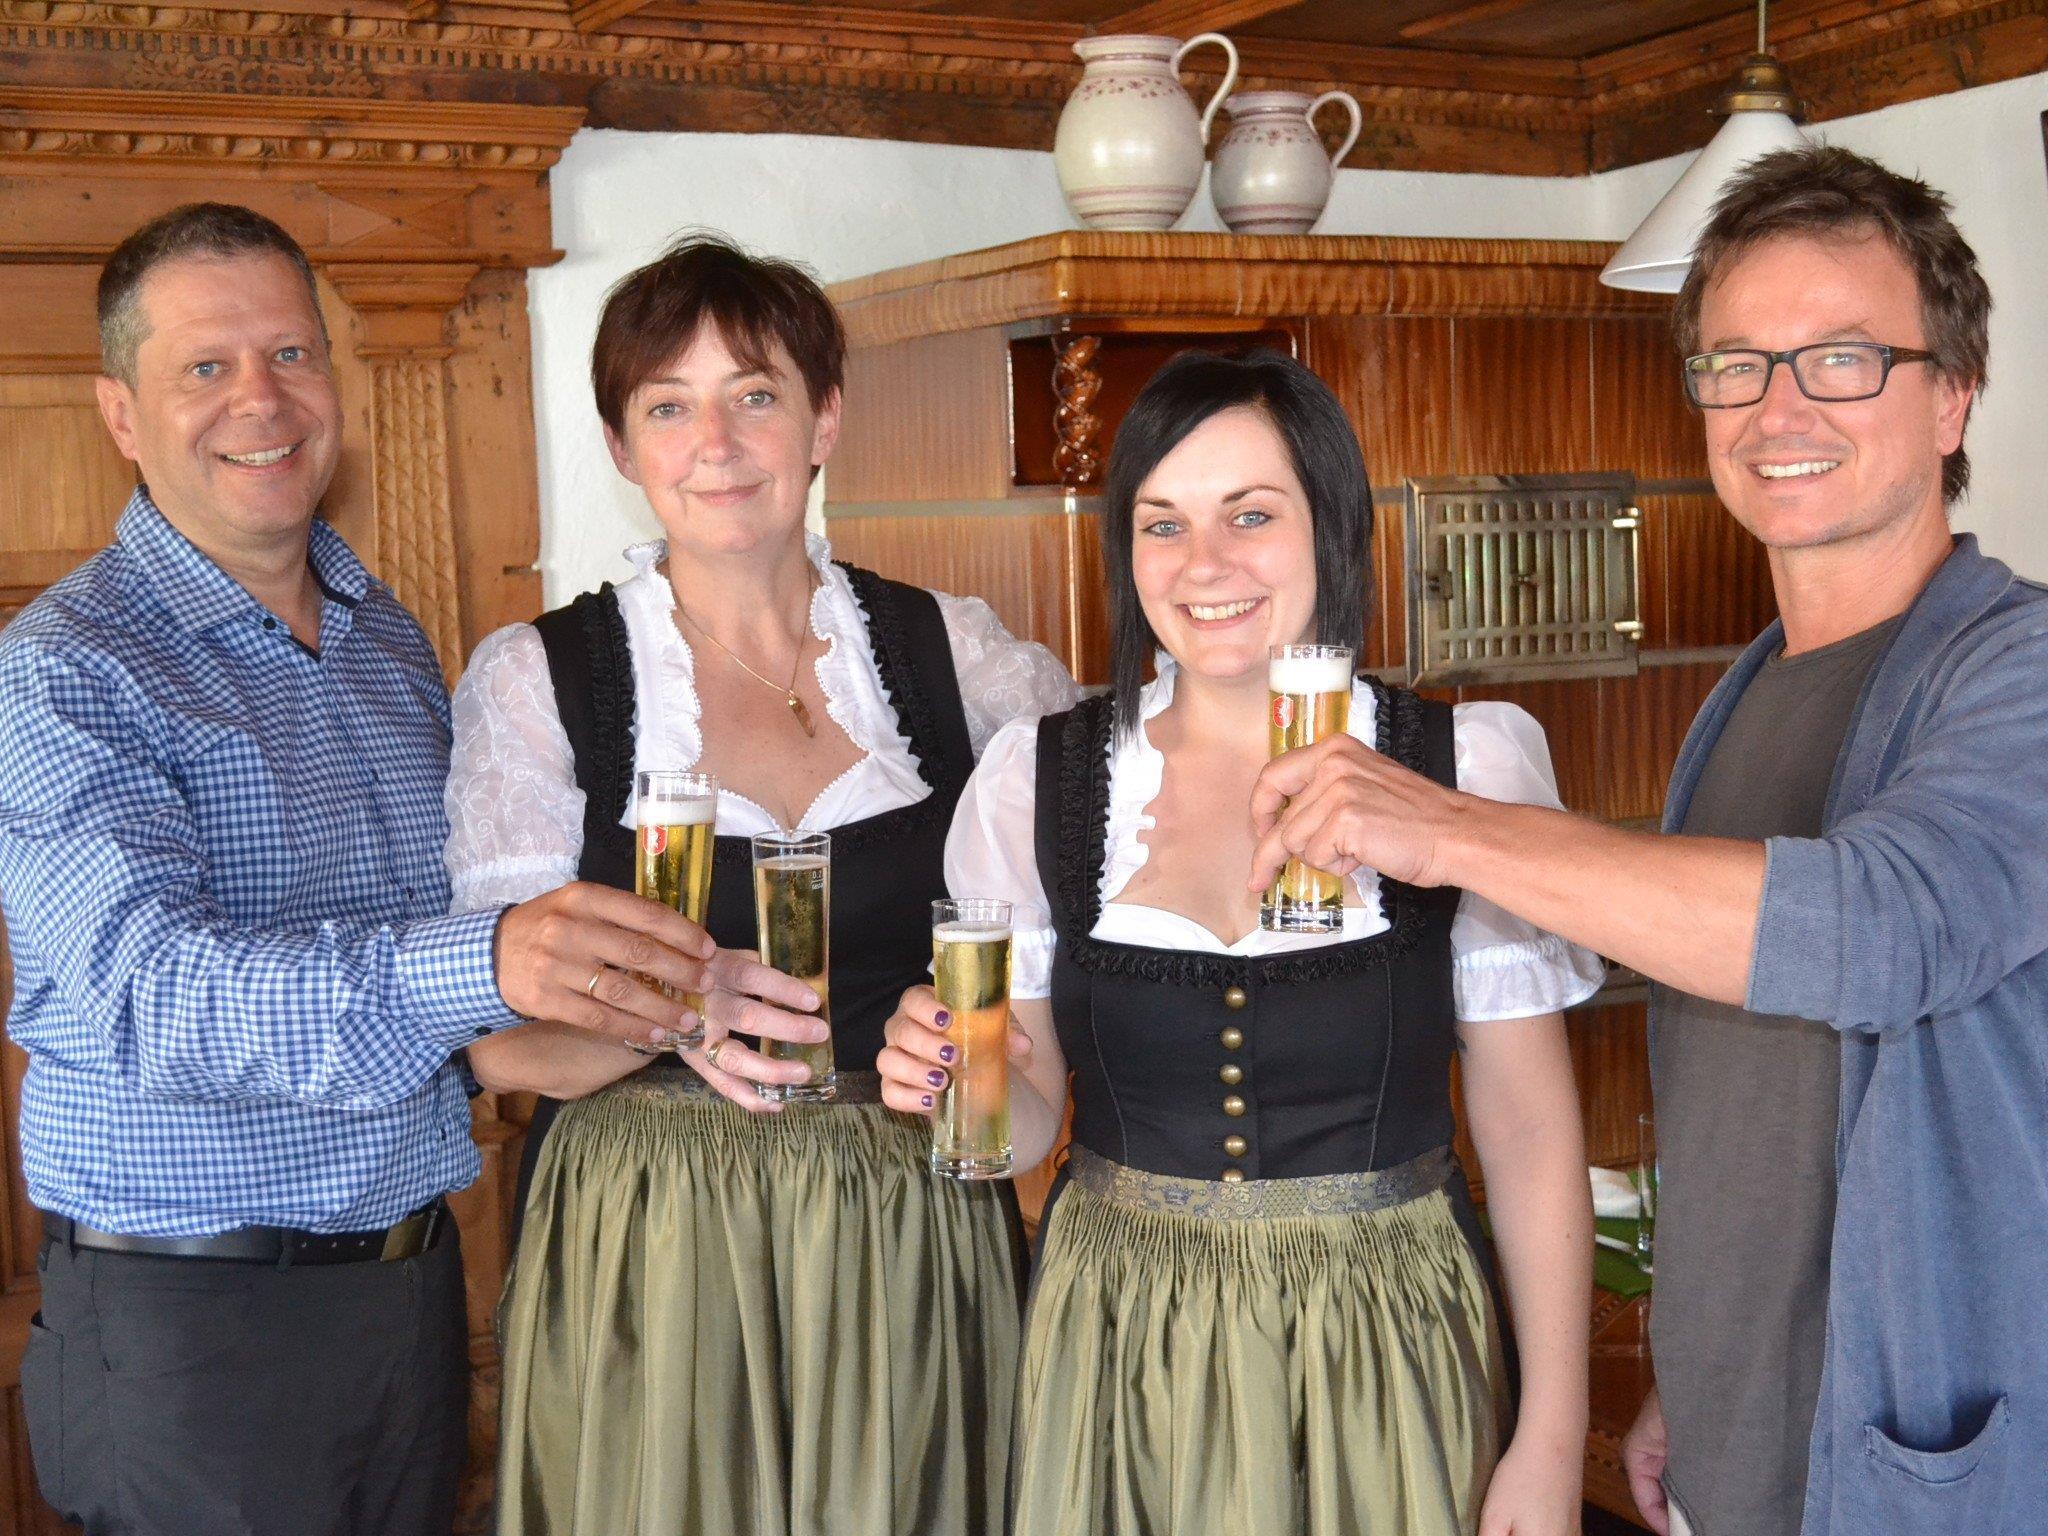 Stoßen auf den erfolgreichen Start an: Markus Borg, Wirtin Priska Hartmann mit Tochter Nathalie sowie Harald Wieshofer-Tomaselli.